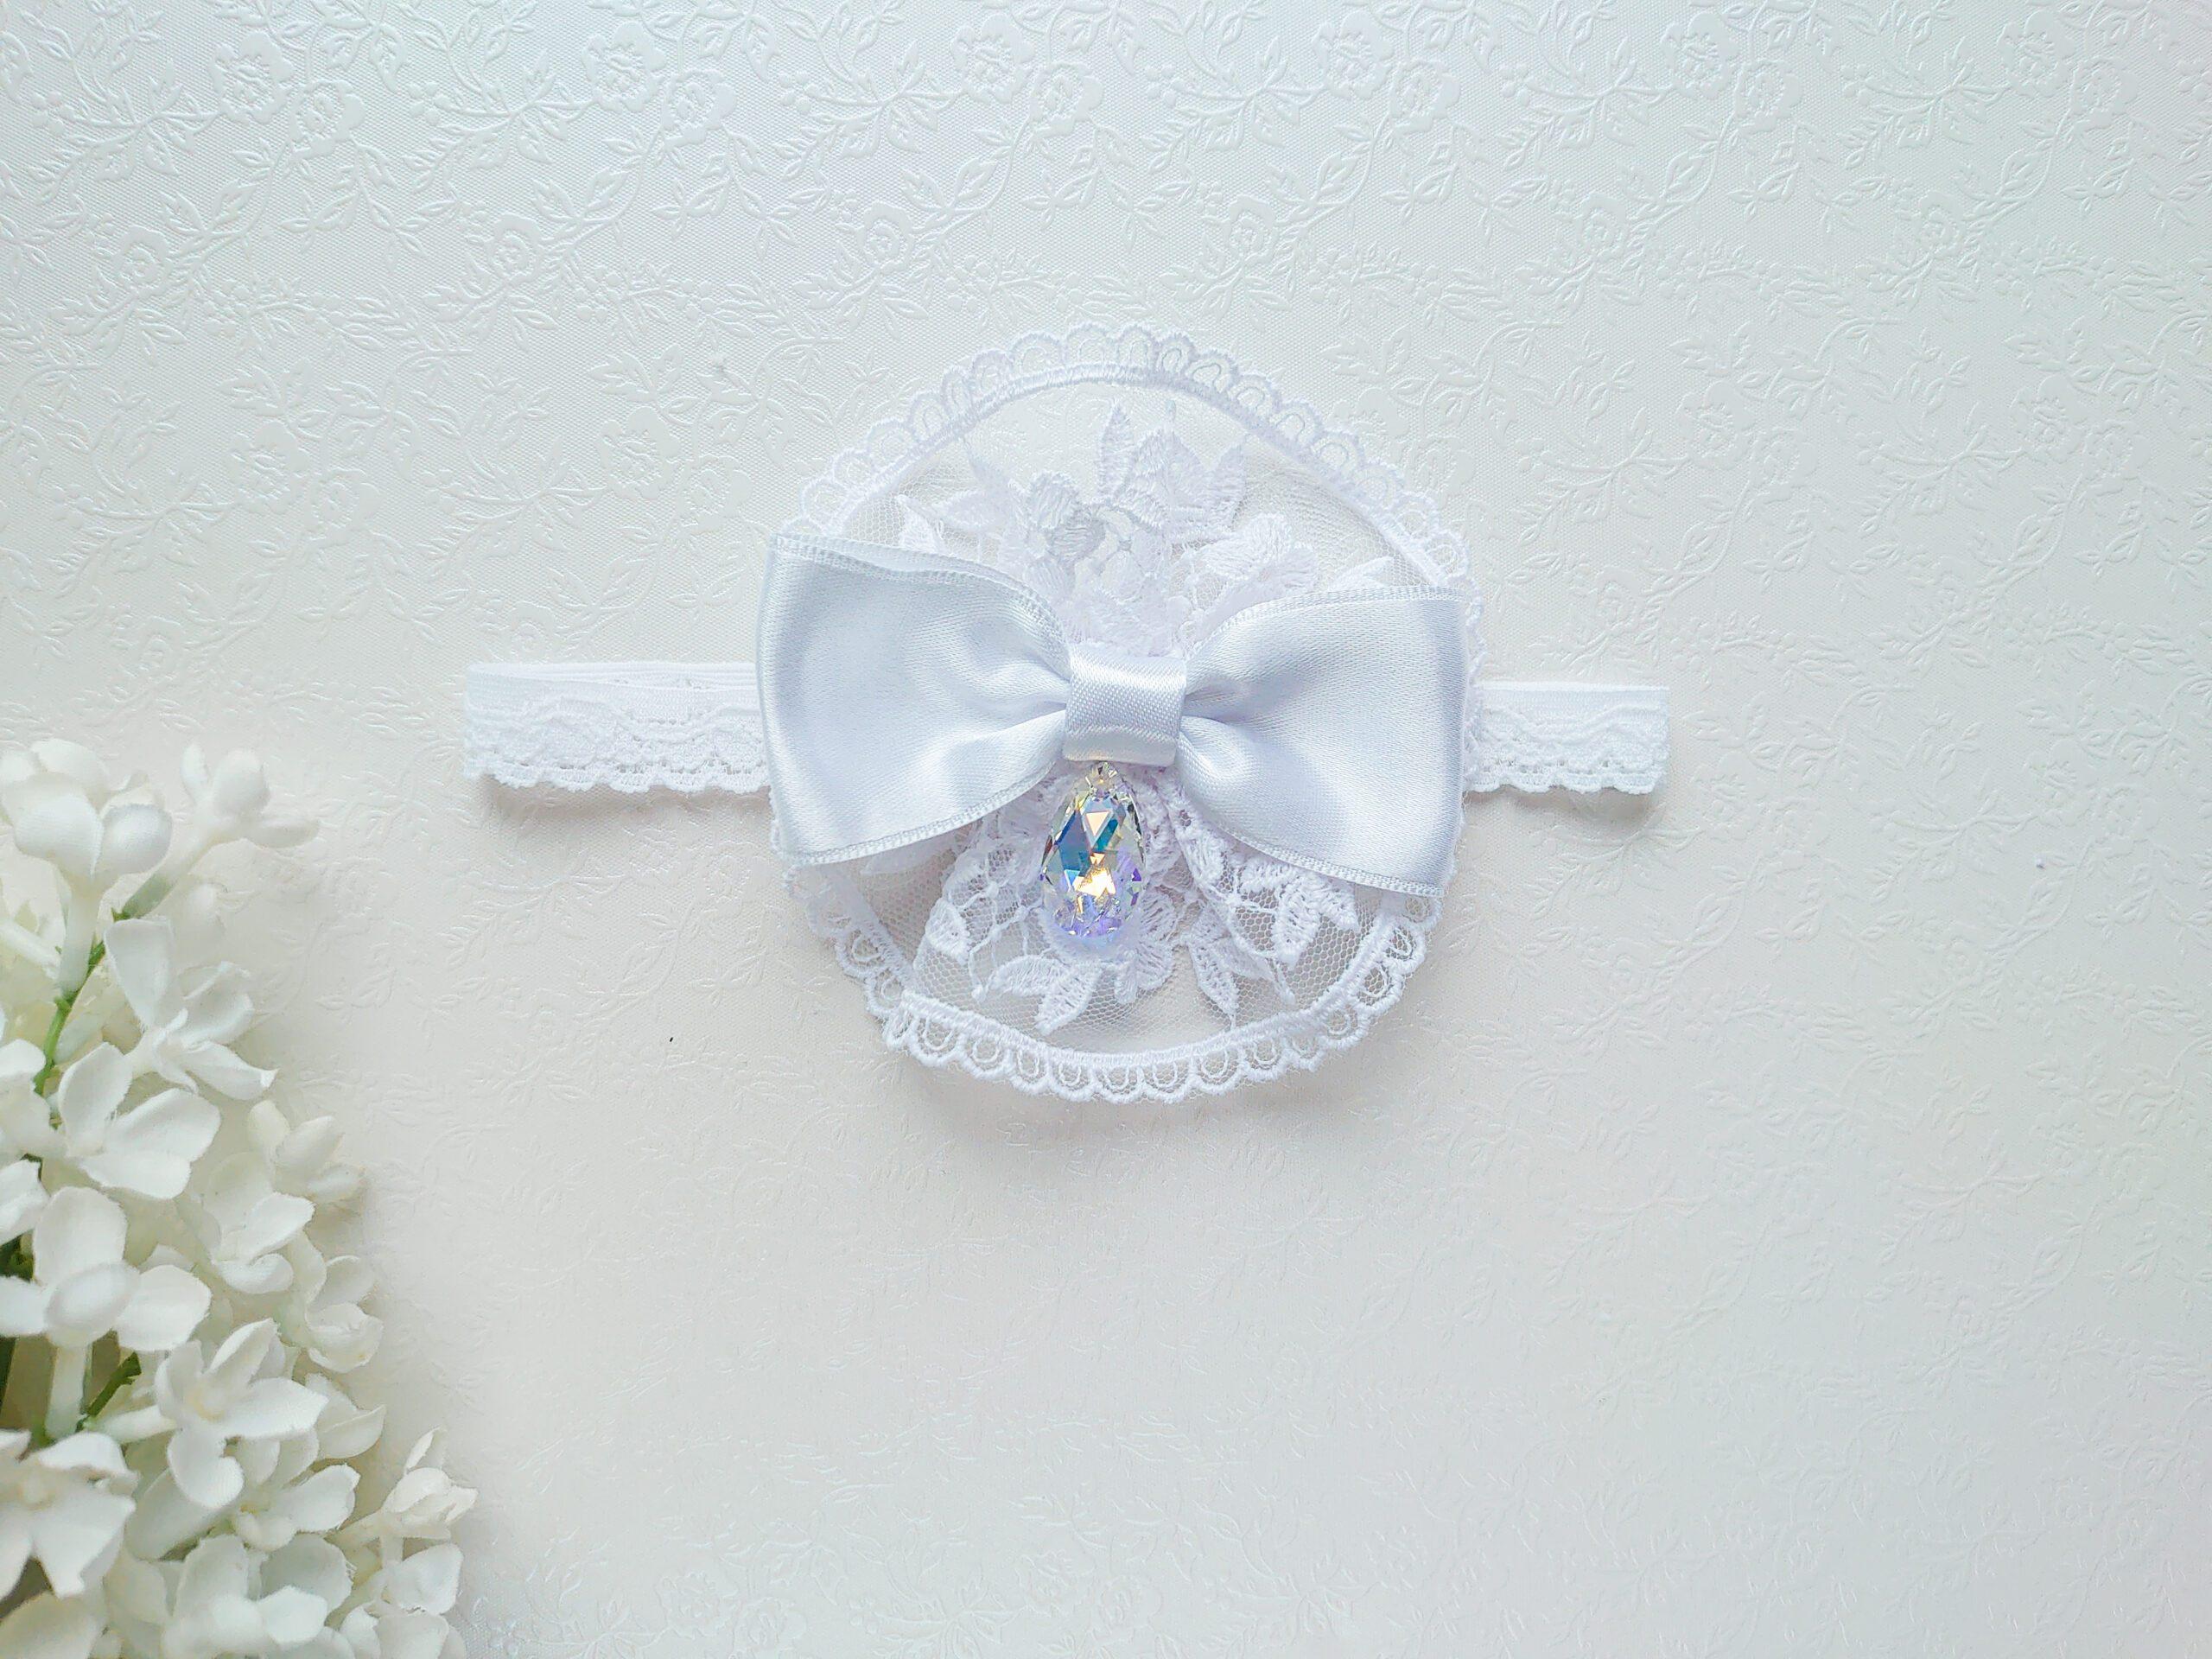 Lumivalge tüdrukute elegantne ja luksuslik peapael pitsi, lipsu ja särava Swarovski kristalliga pulma, ristimiseks, fotosessiooniks, pildistamiseks, sünnipäevaks ja pidulikeks üritusteks